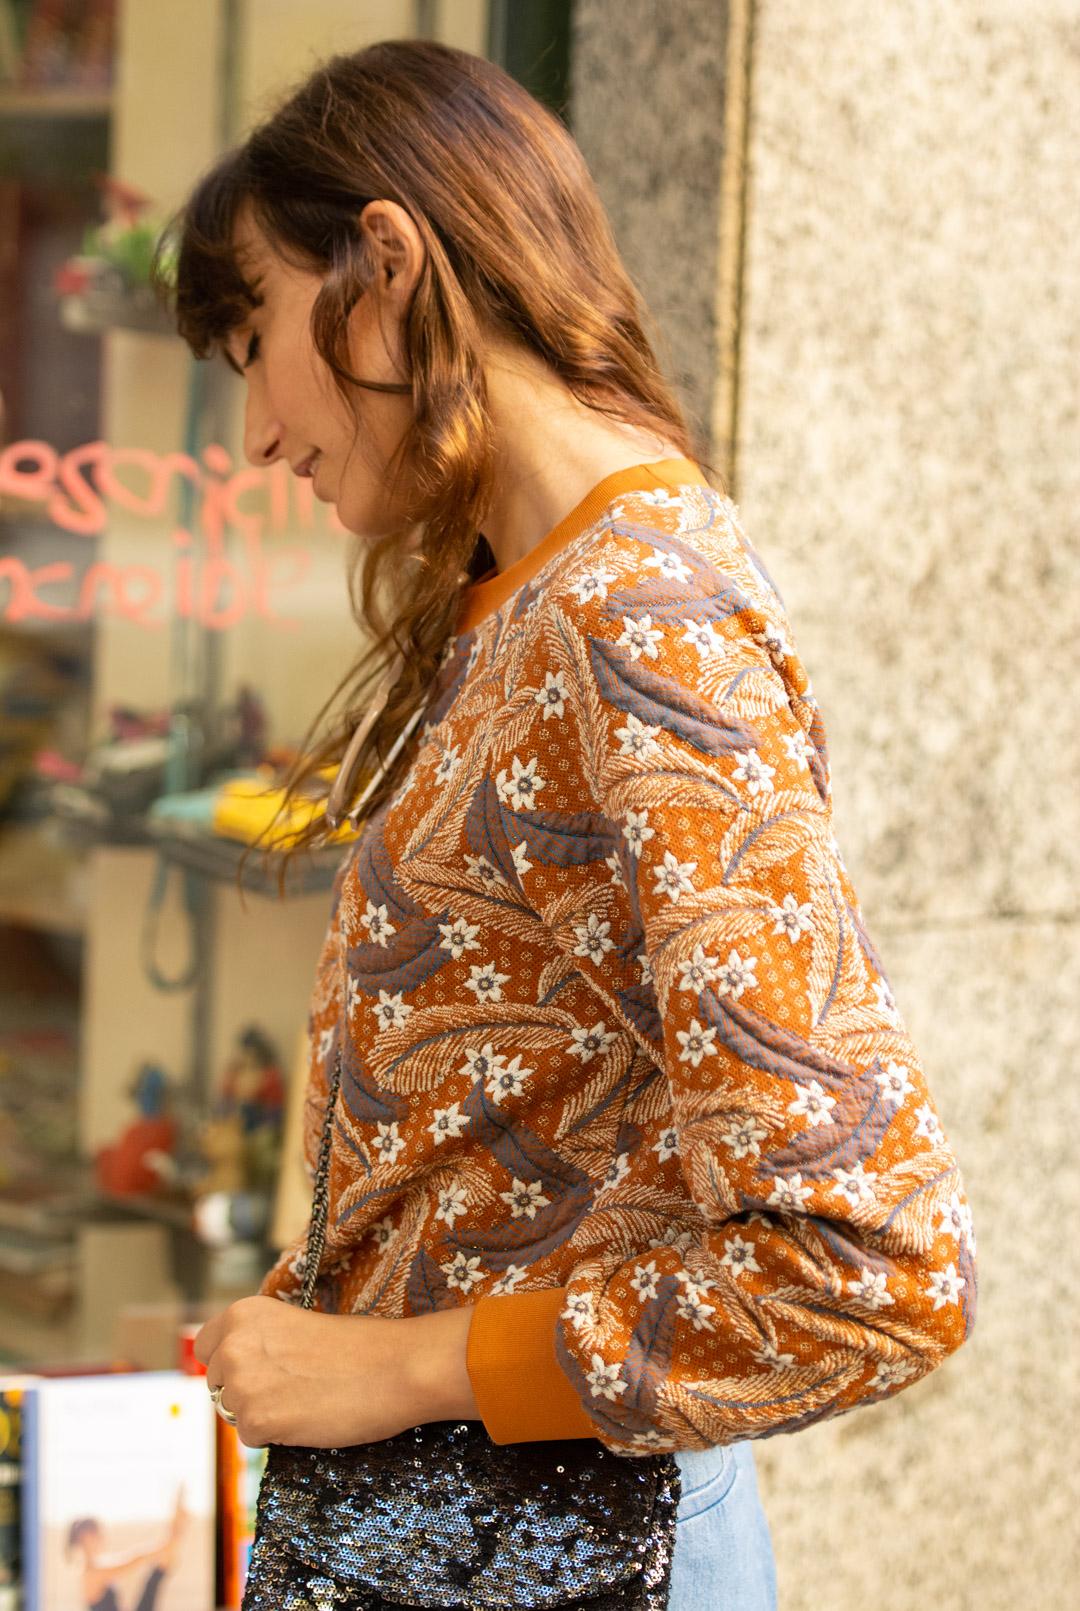 la-libreria-street-style-mayte-de-la-igleisa-04